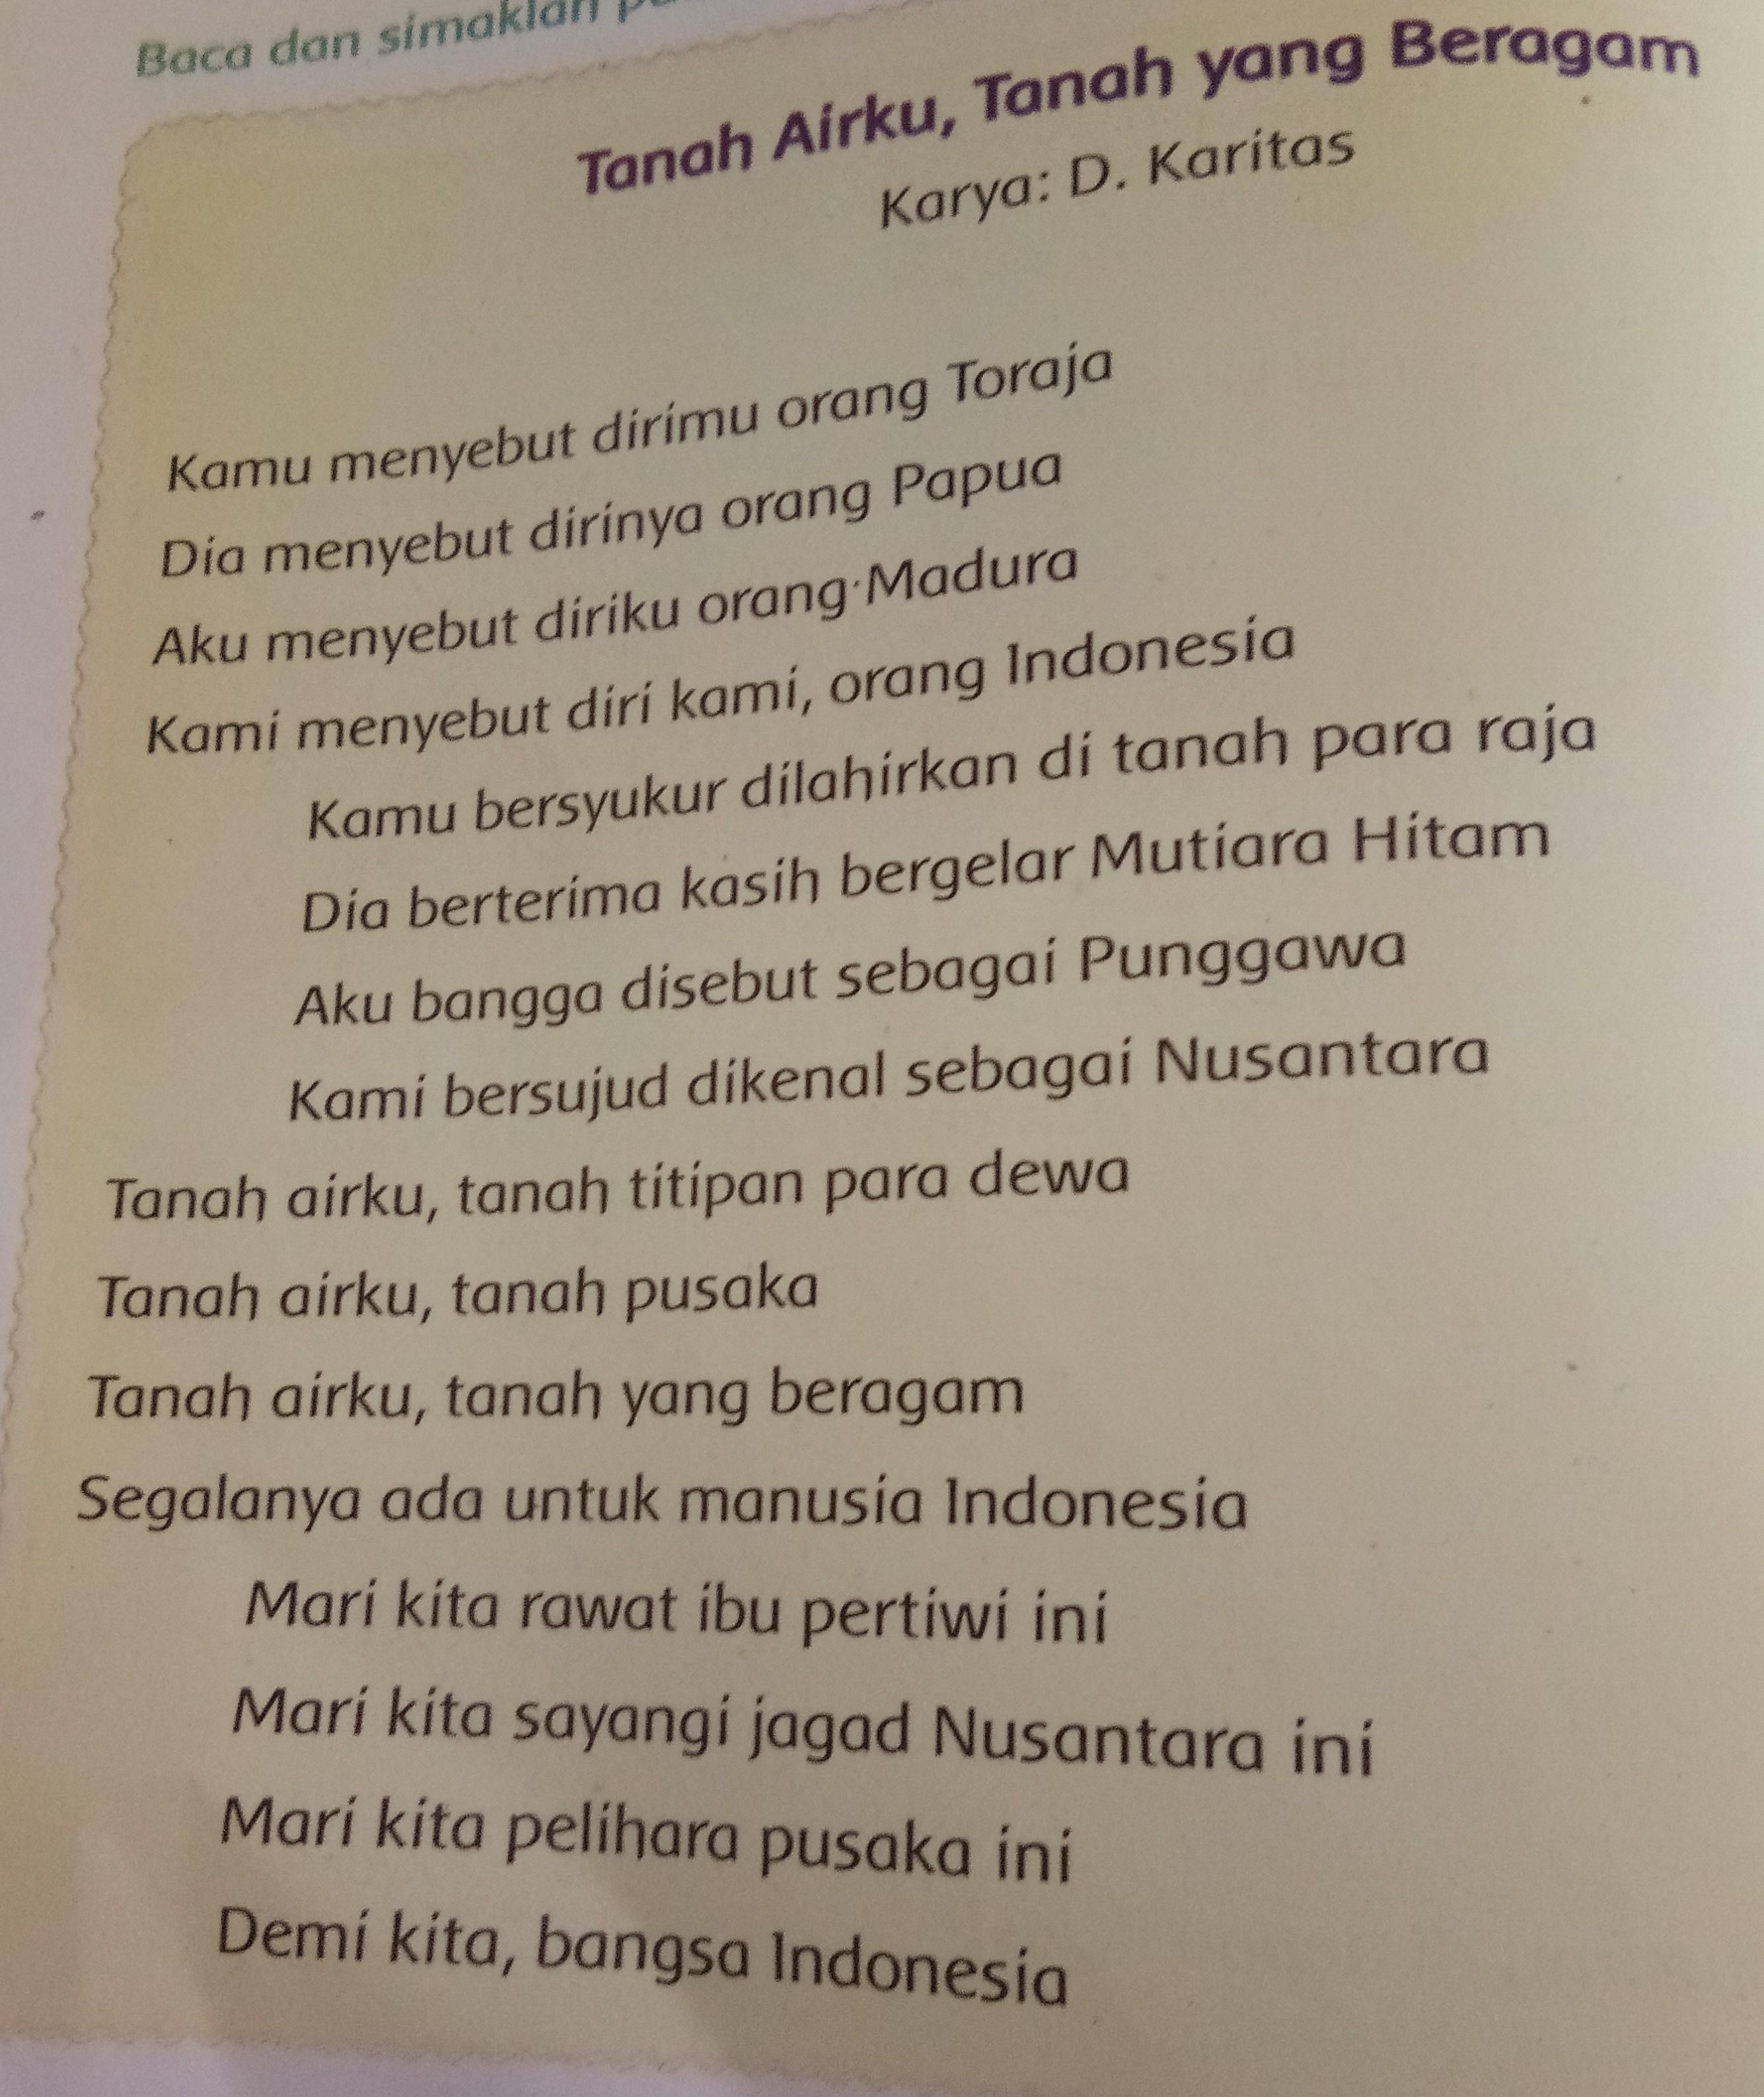 Puisi Tema Cinta Tanah Air 4 Bait Archidev